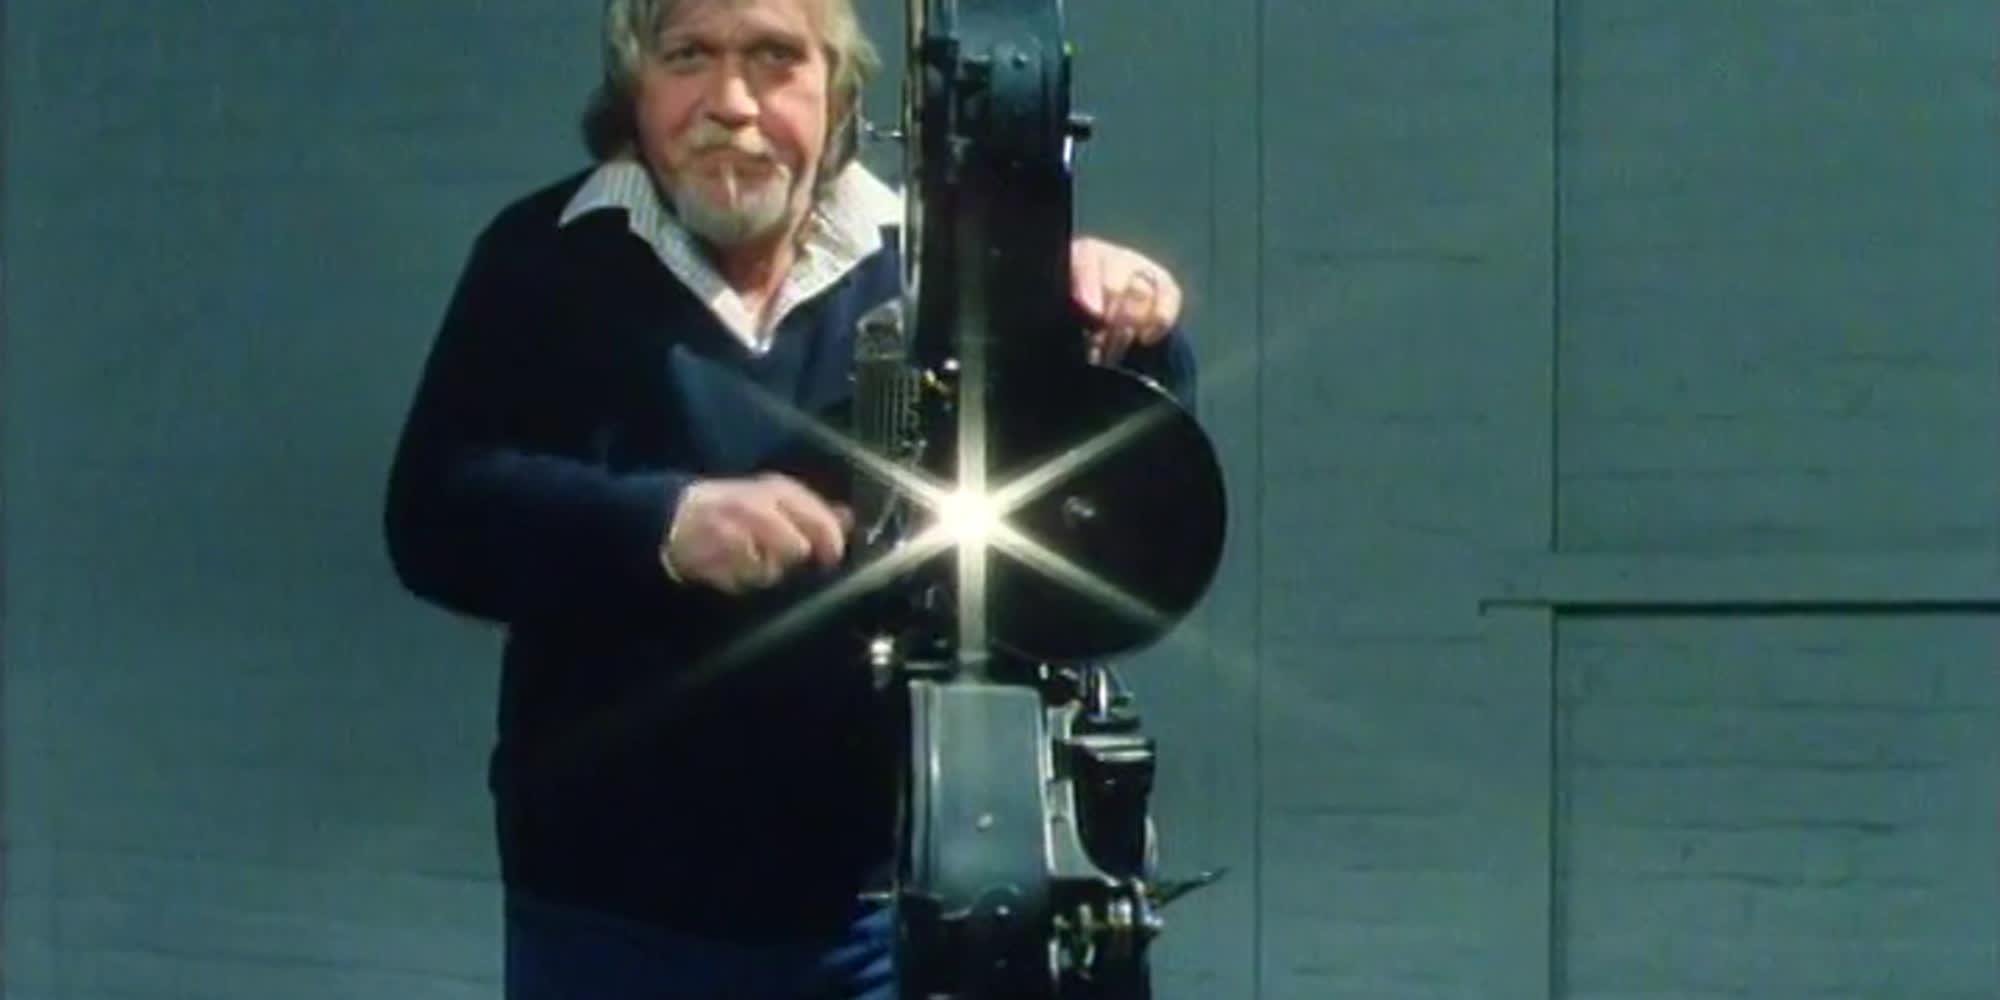 Utsnitt frå filmen Kamera går: Norsk filmproduksjon gjennom 75 år.